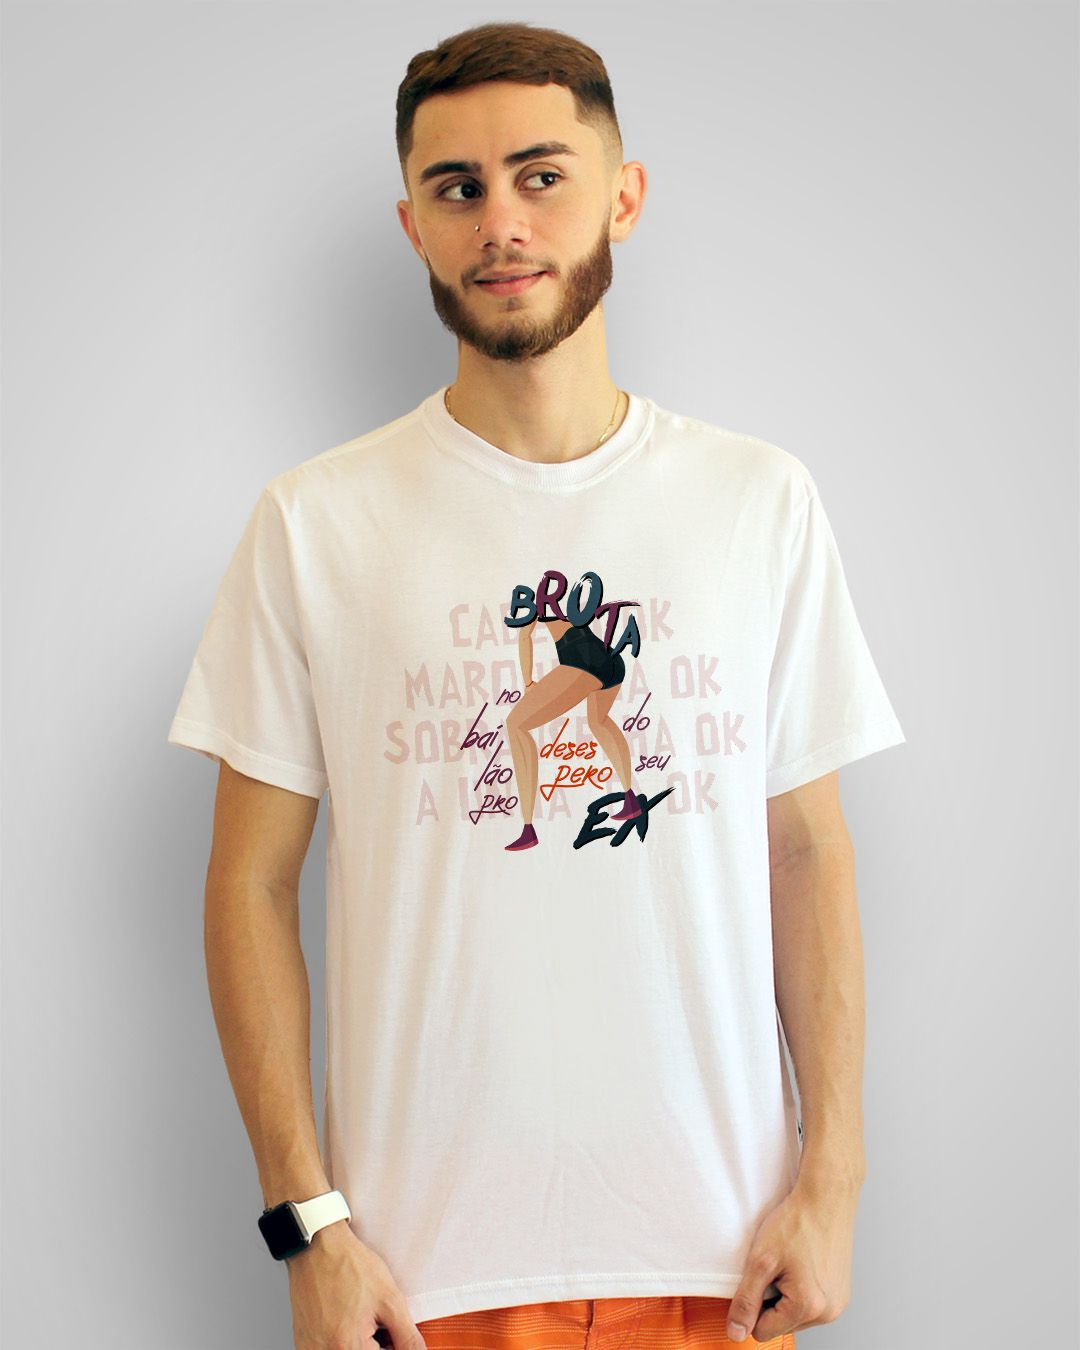 Camiseta Brota no bailão pro desespero do seu ex - Thiaguinho MT